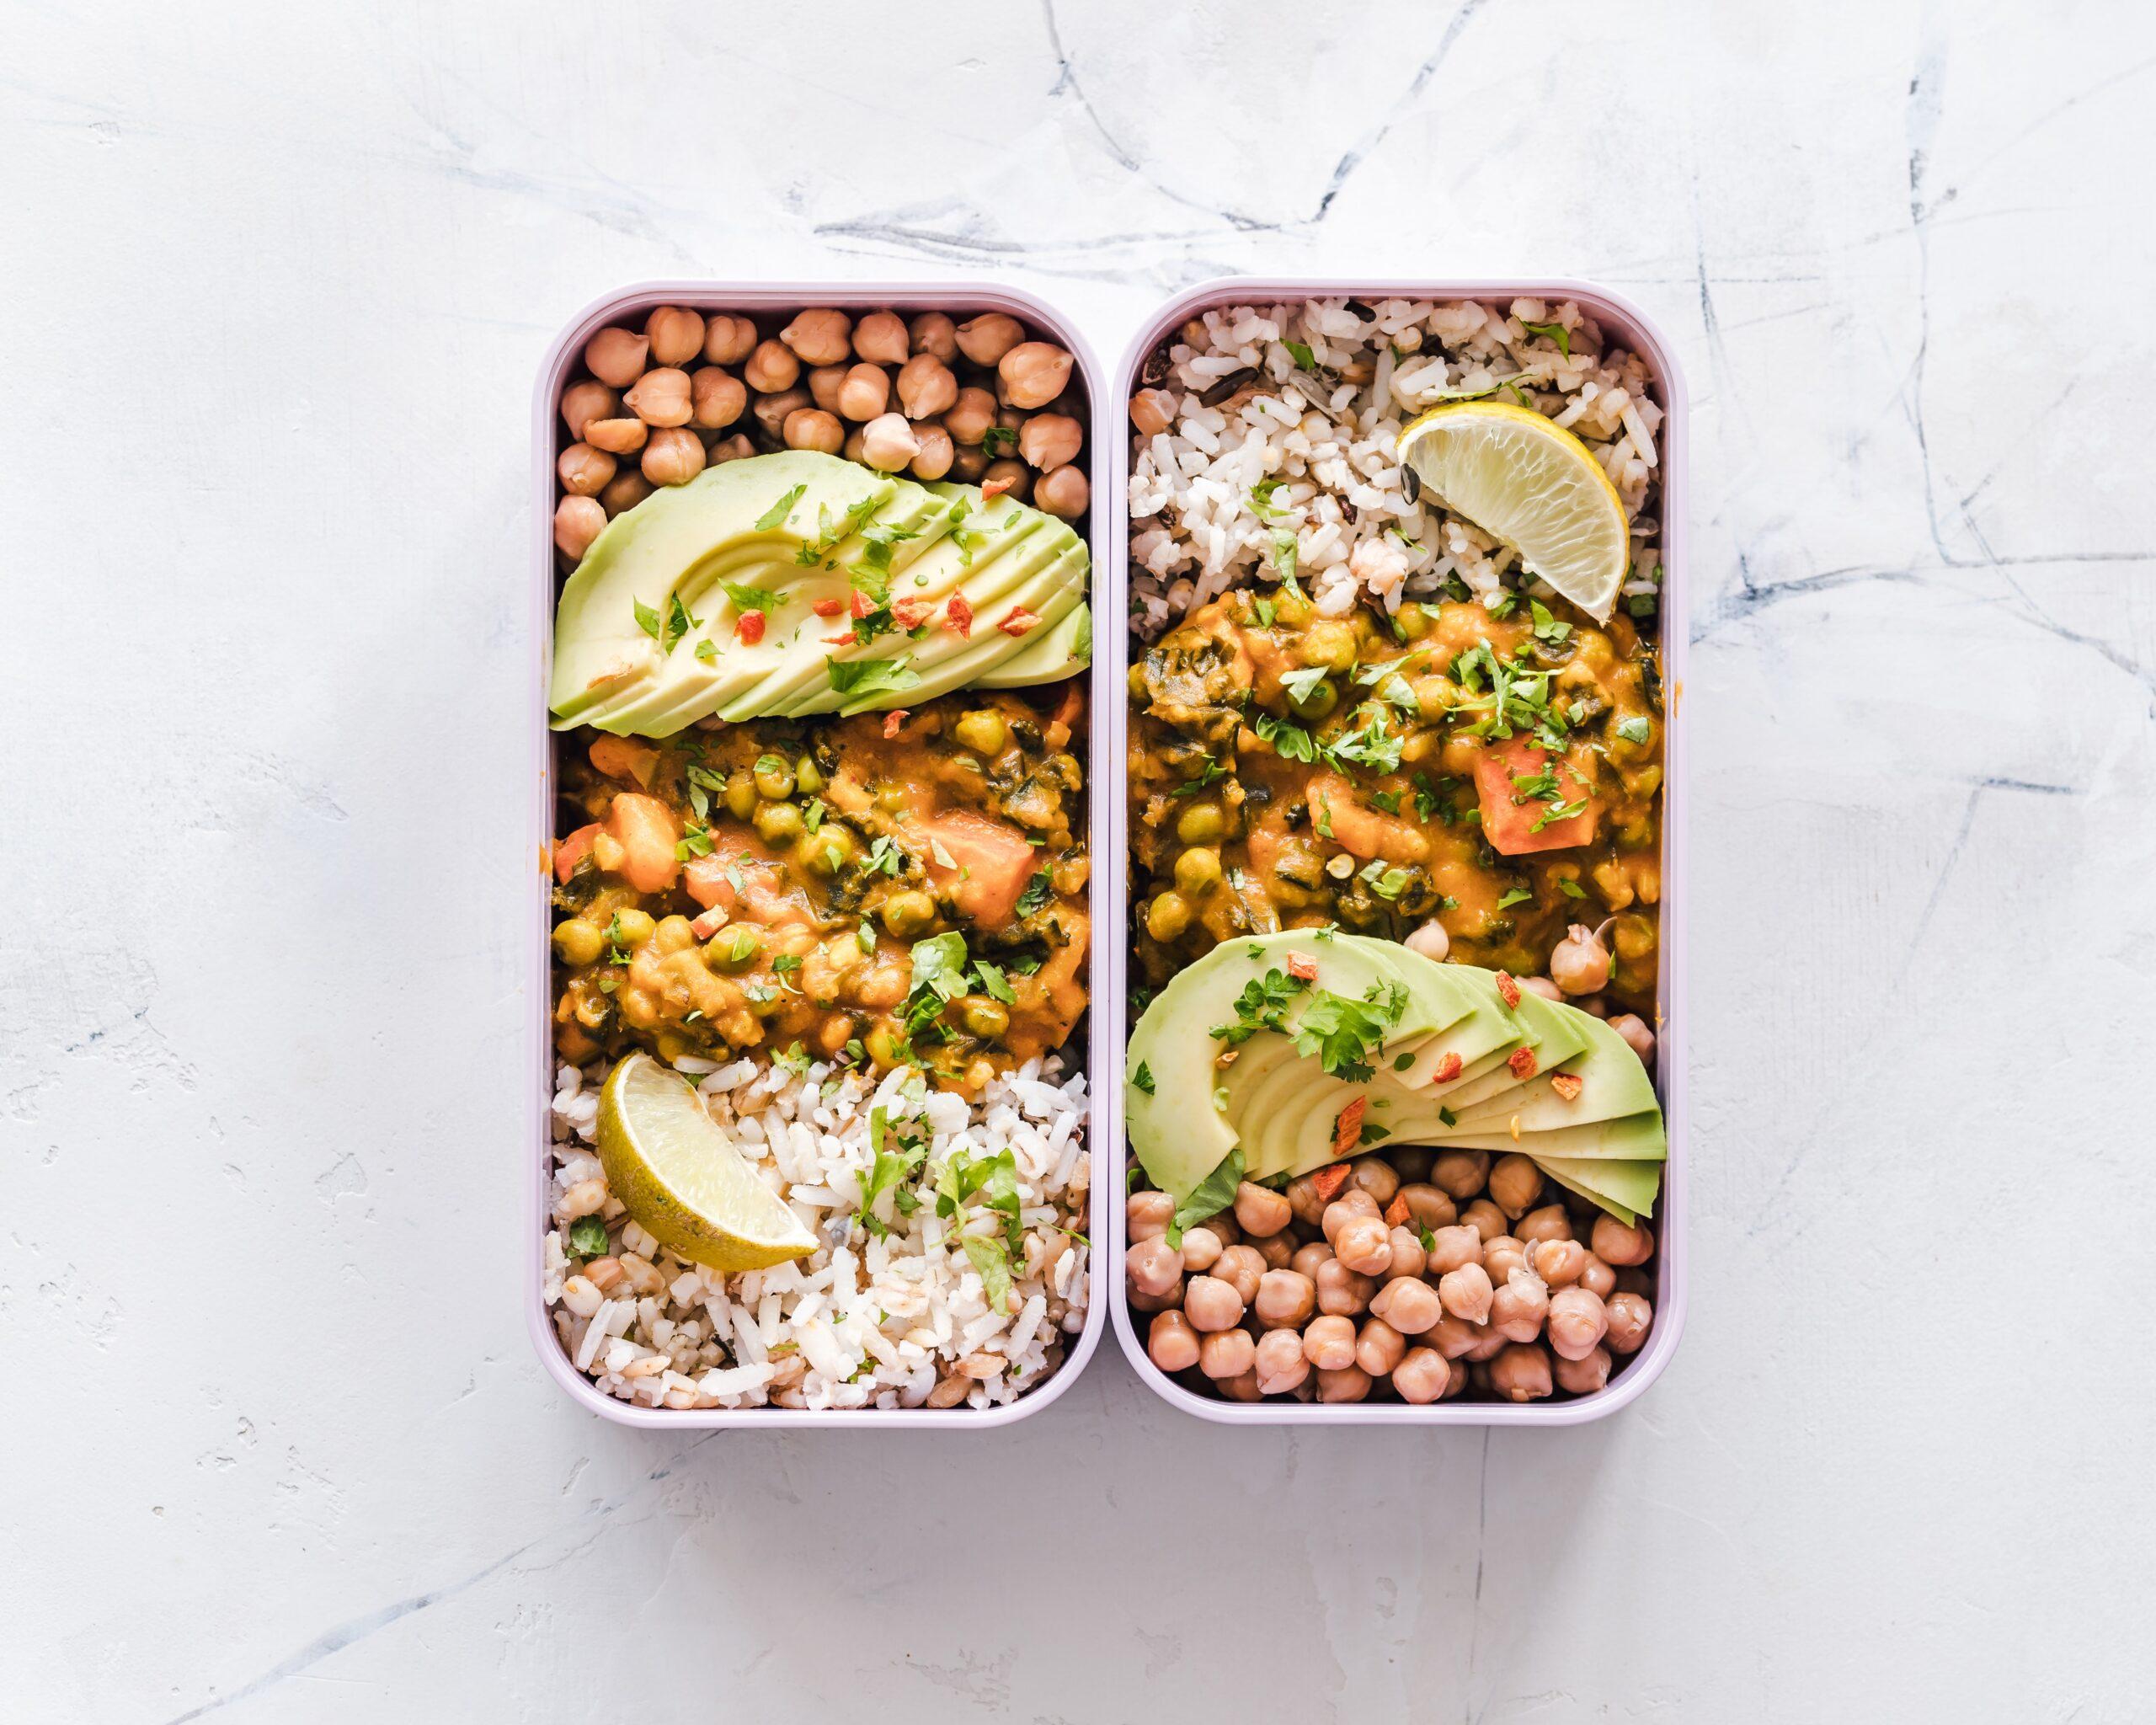 lunch box z wegańskim posiłkiem ryż, ciecierzyca, awokado, curry